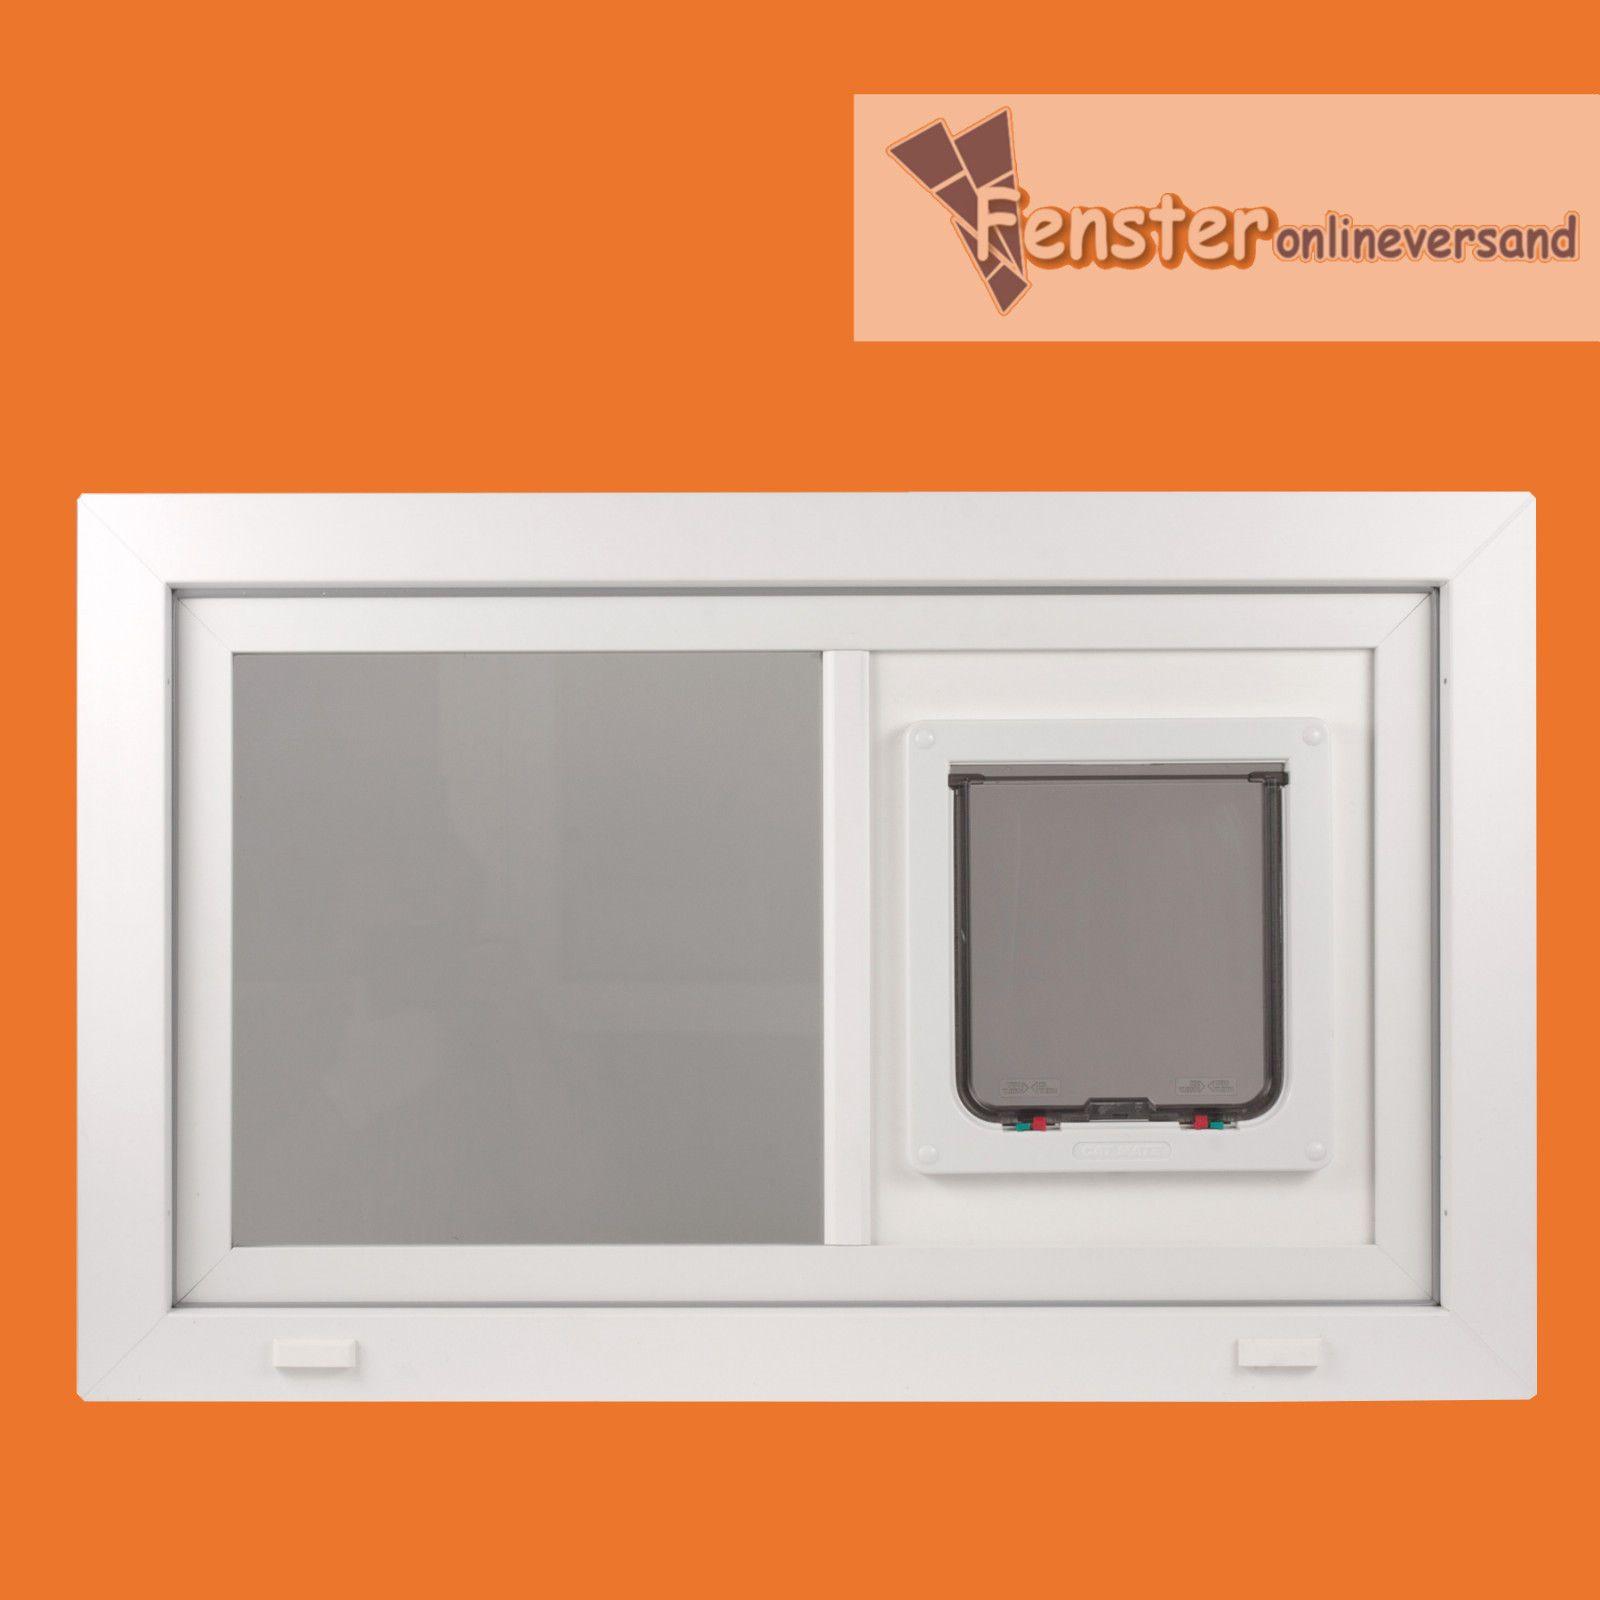 Ausgezeichnet Heimwerker Fenster Siebrahmen Galerie - Rahmen Ideen ...